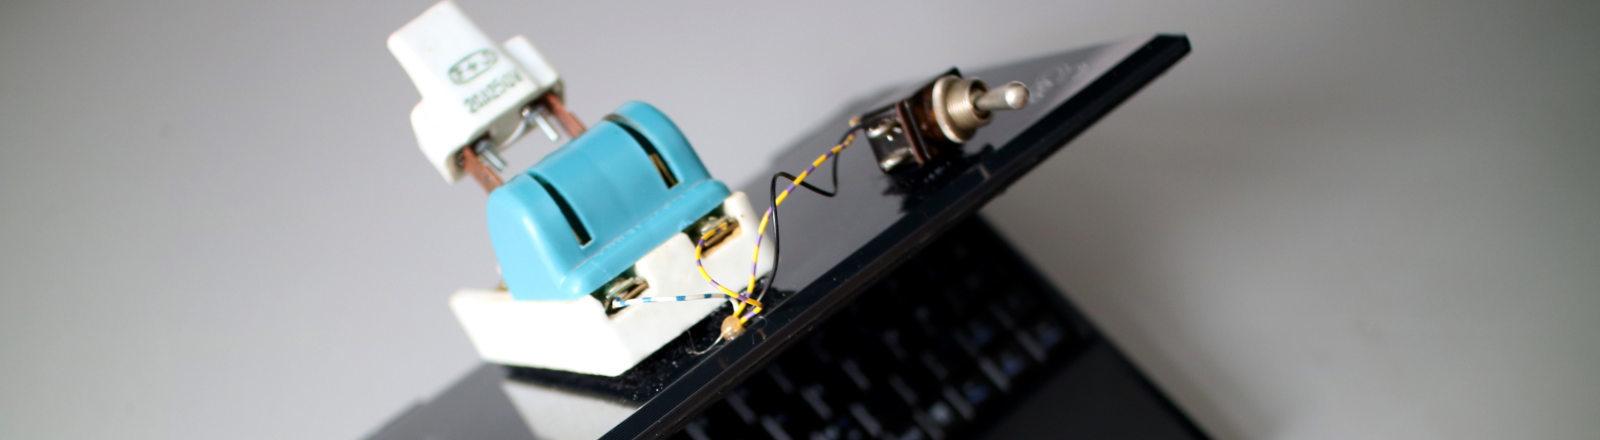 So sind Augen und Ohr des Laptops durch das Betätigen echter Hardware-Schalter deaktivierbar.